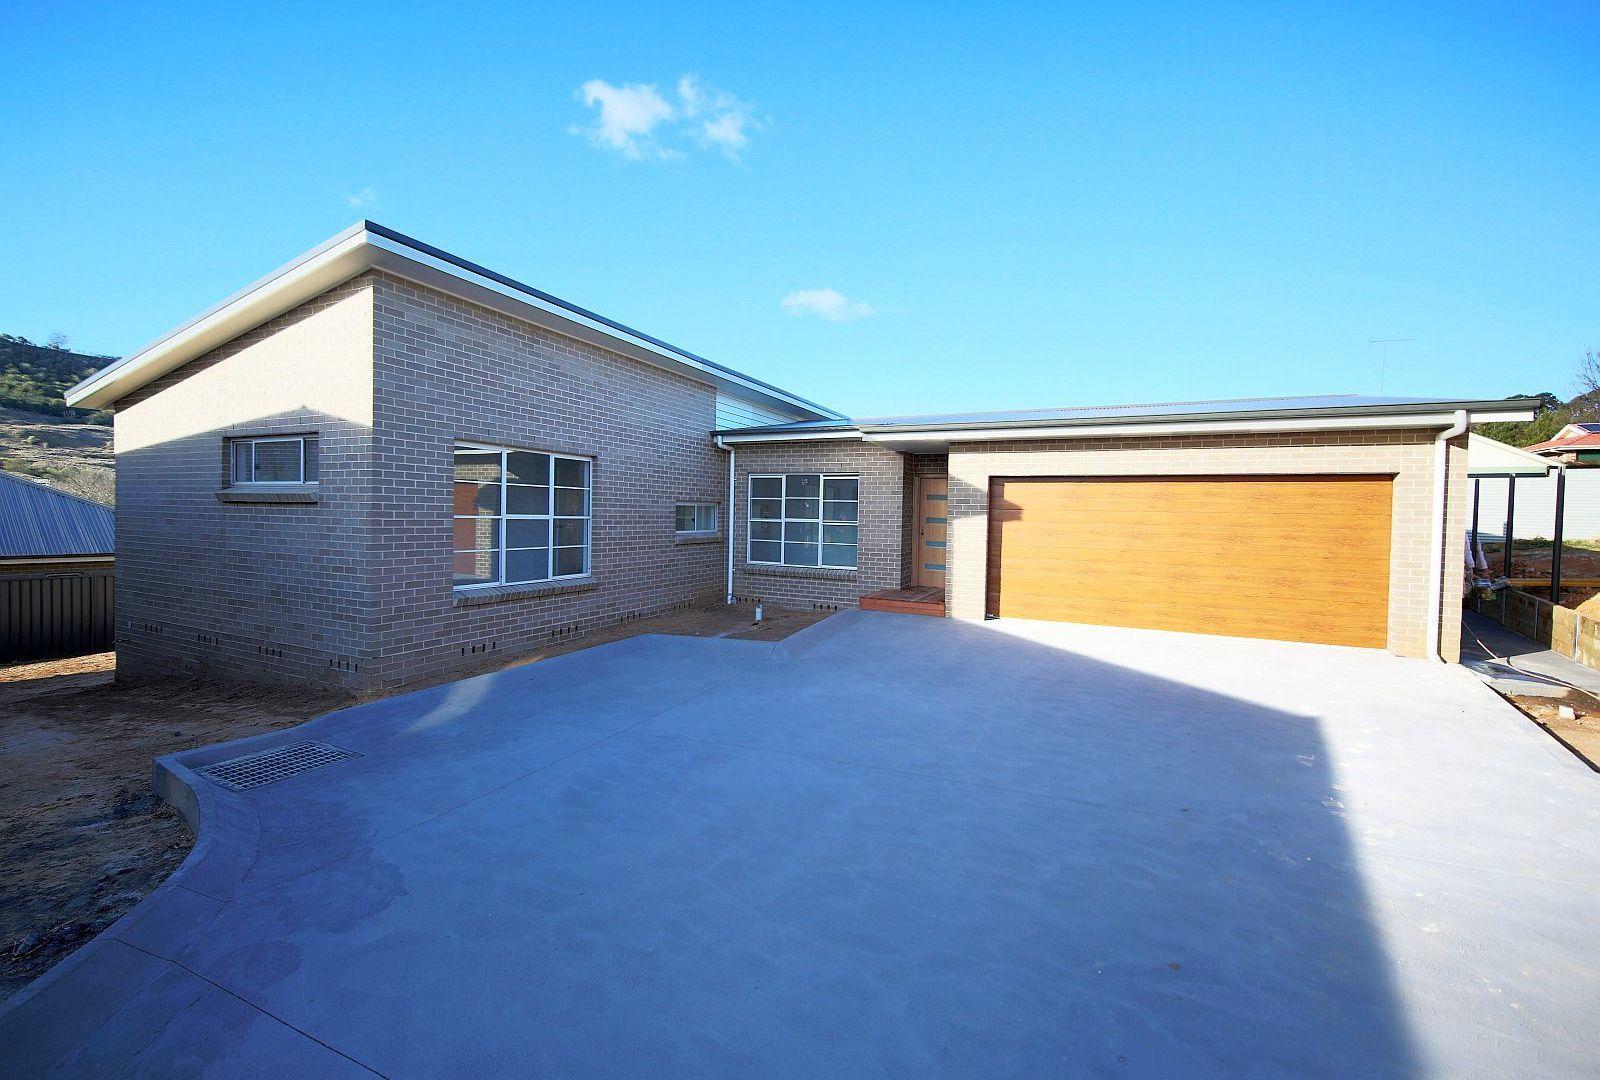 Lot 4221 Yallambi Street, Picton NSW 2571, Image 1